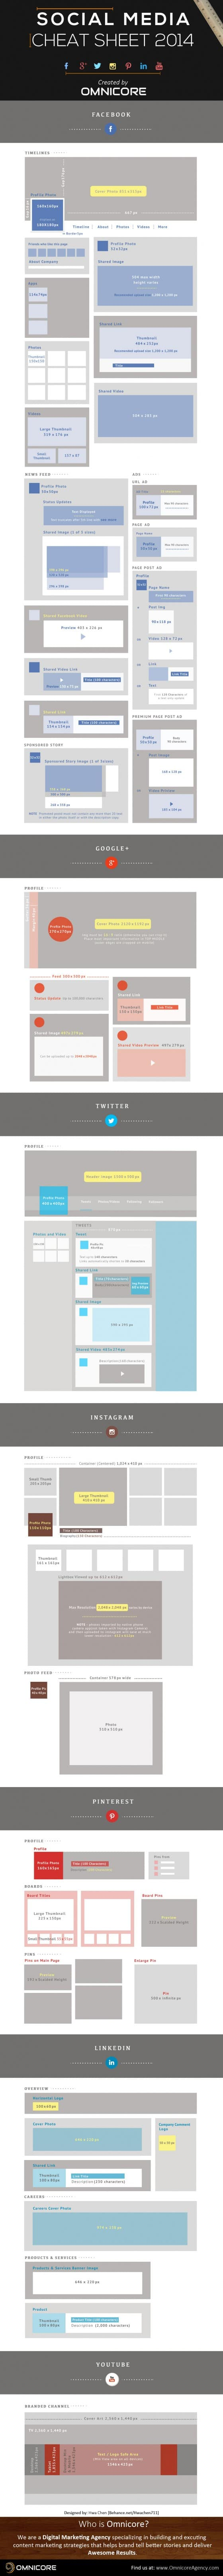 guide-dimensions-medias-sociaux-2014-infographie